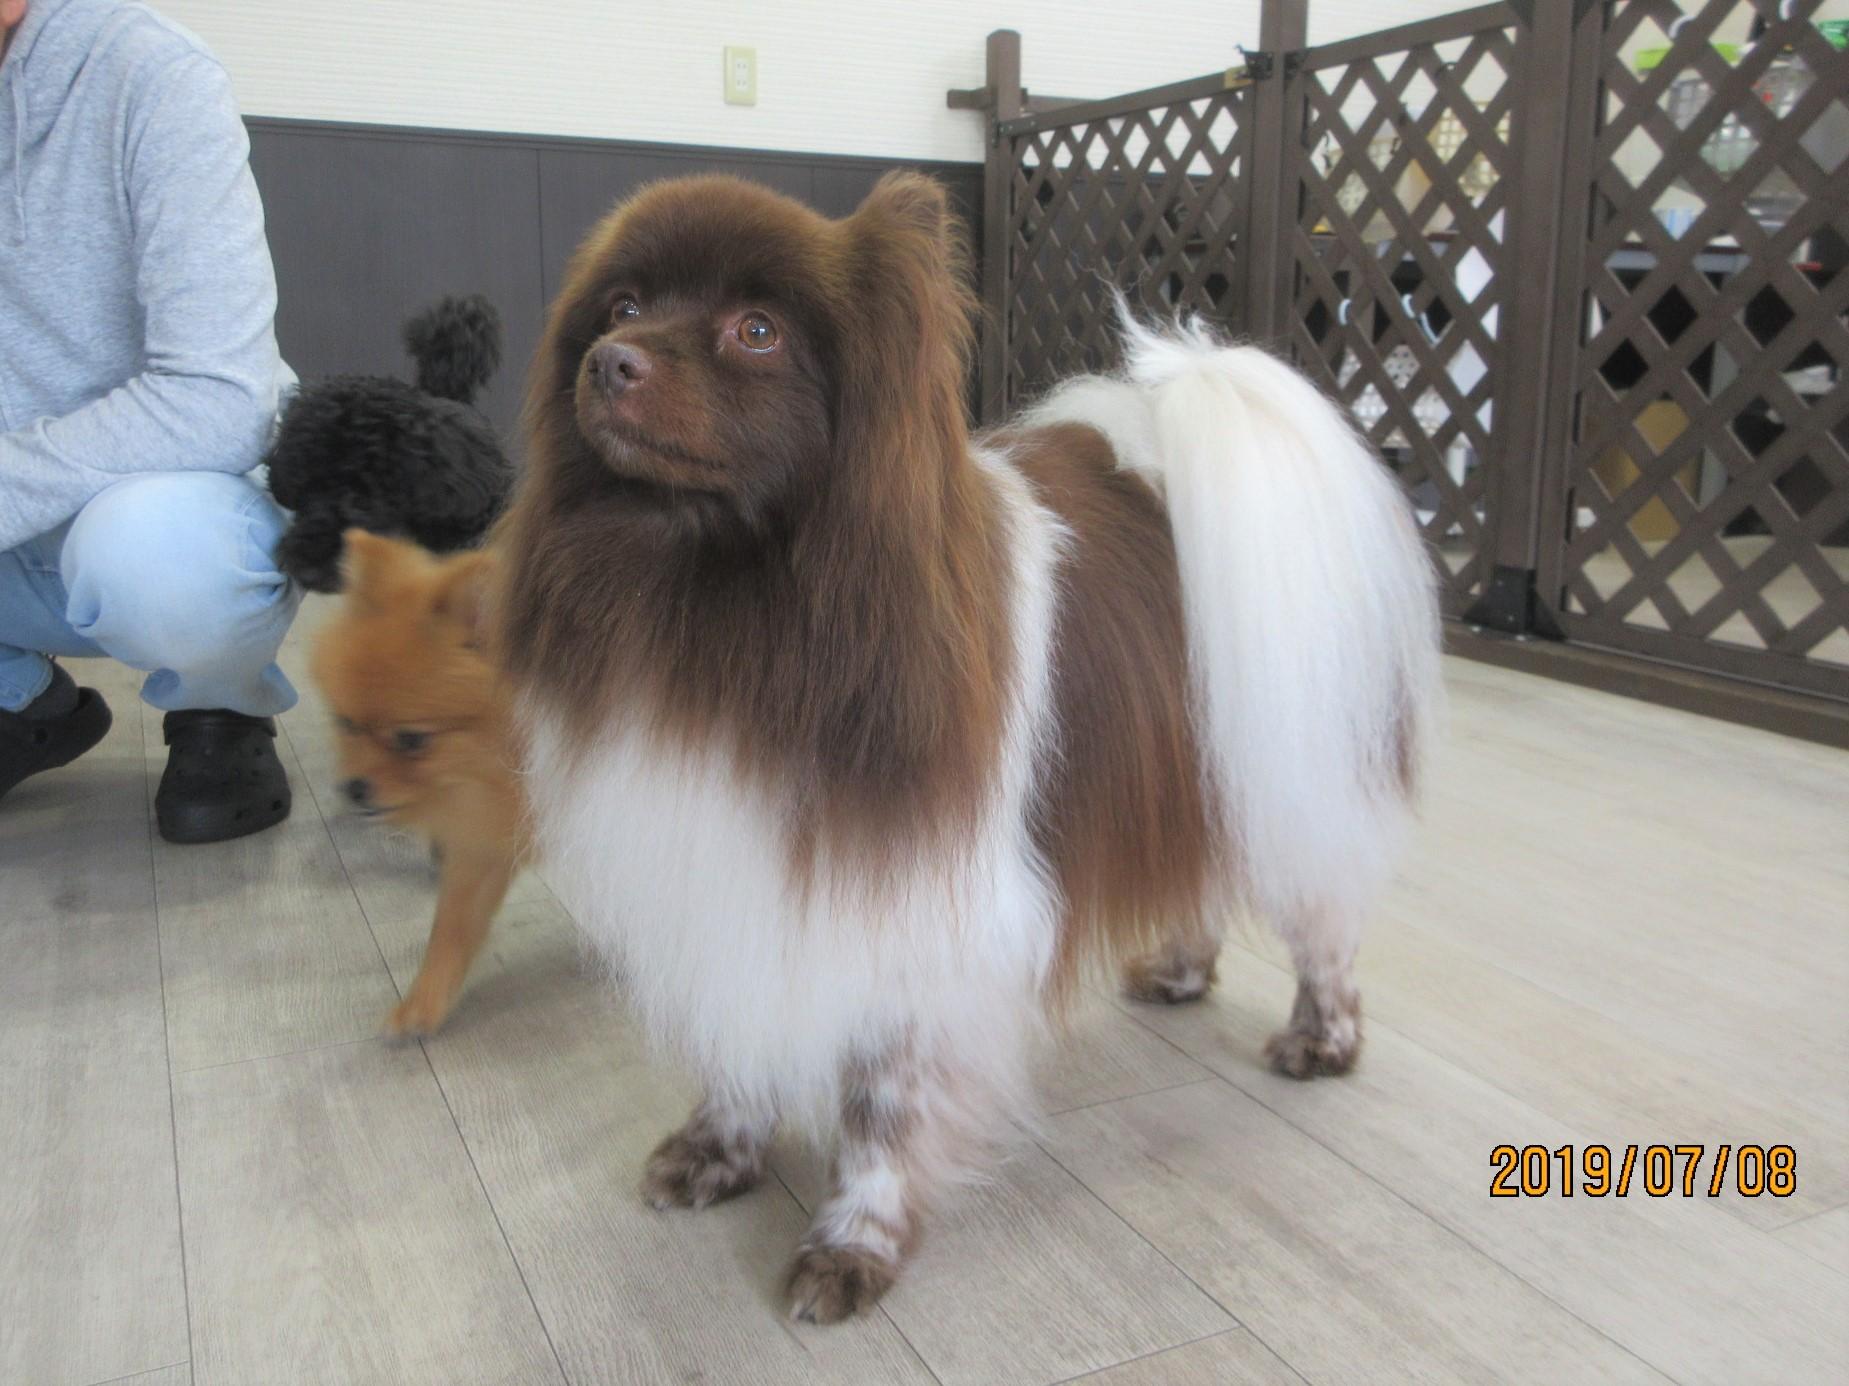 クッキー・犬の保育園Baby・犬・犬のしつけ・犬の社会化